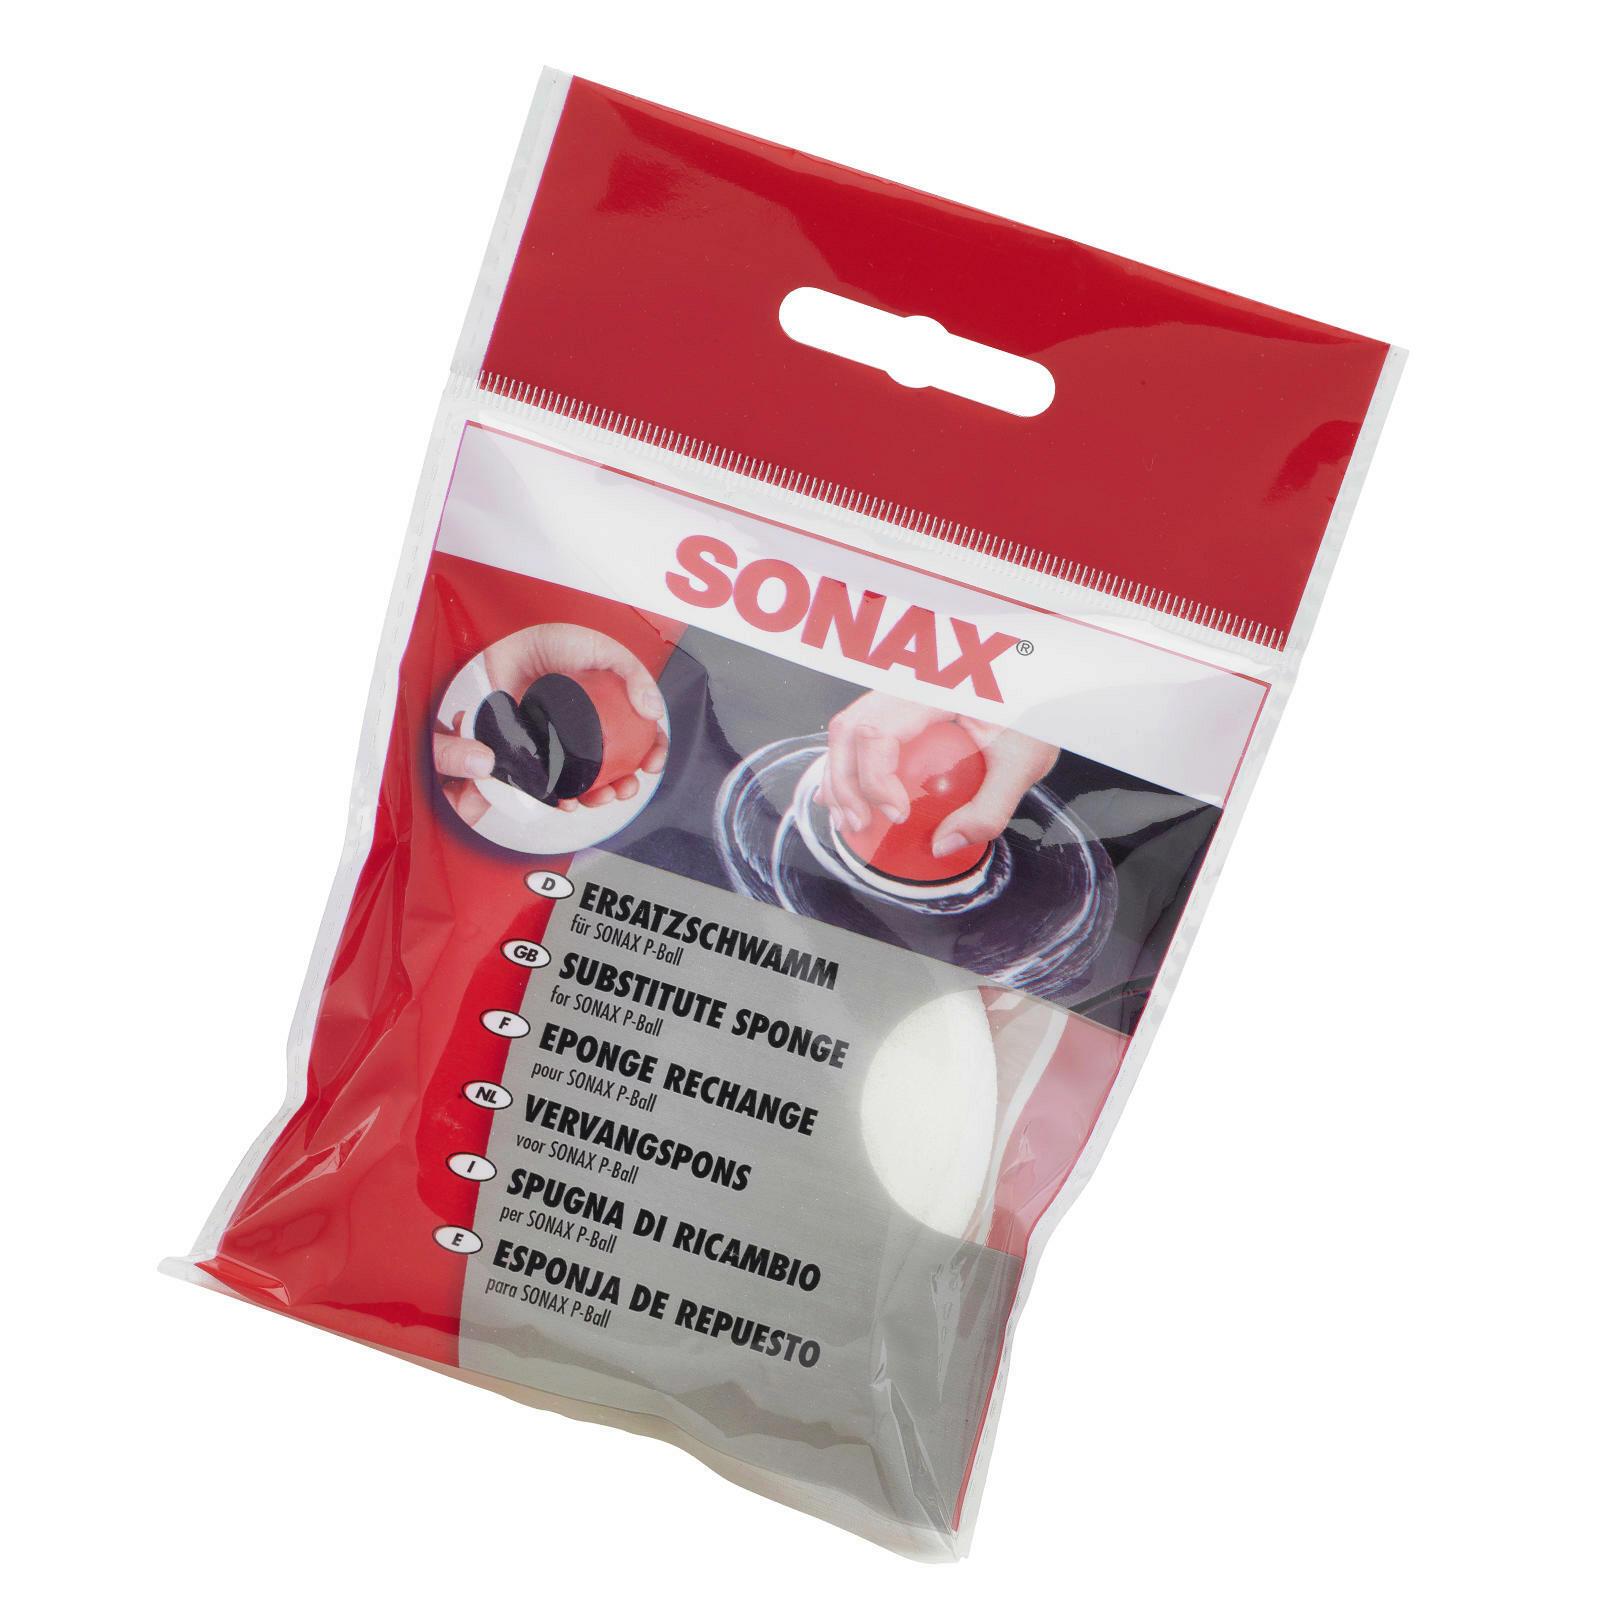 SONAX Ersatzschwamm für P-Ball